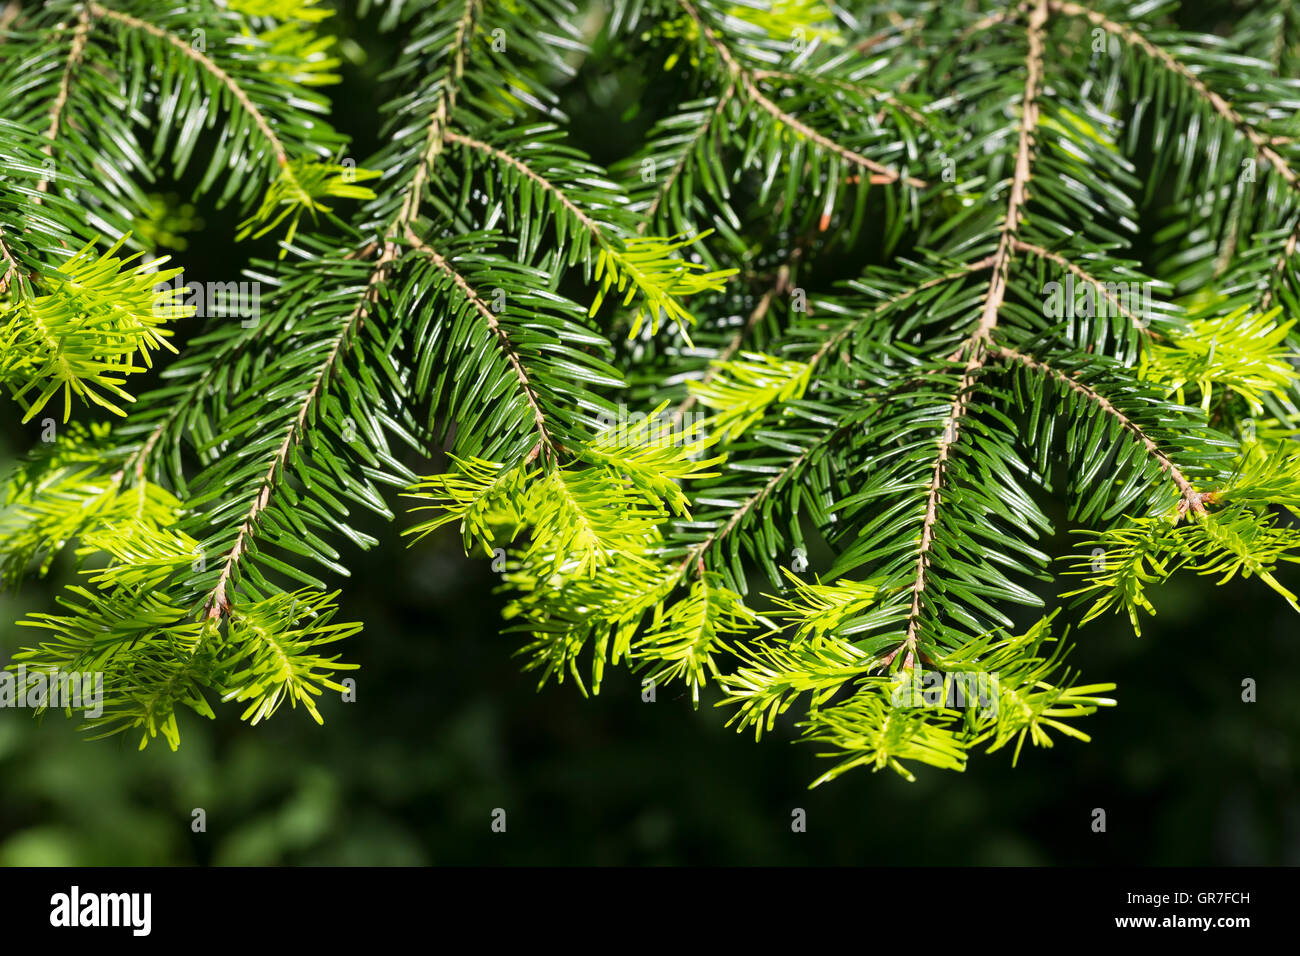 Weiß-Tanne, Weißtanne, Weisstanne, Edeltanne, Silbertanne, Tanne, Abies alba, European silver fir, silver - Stock Image